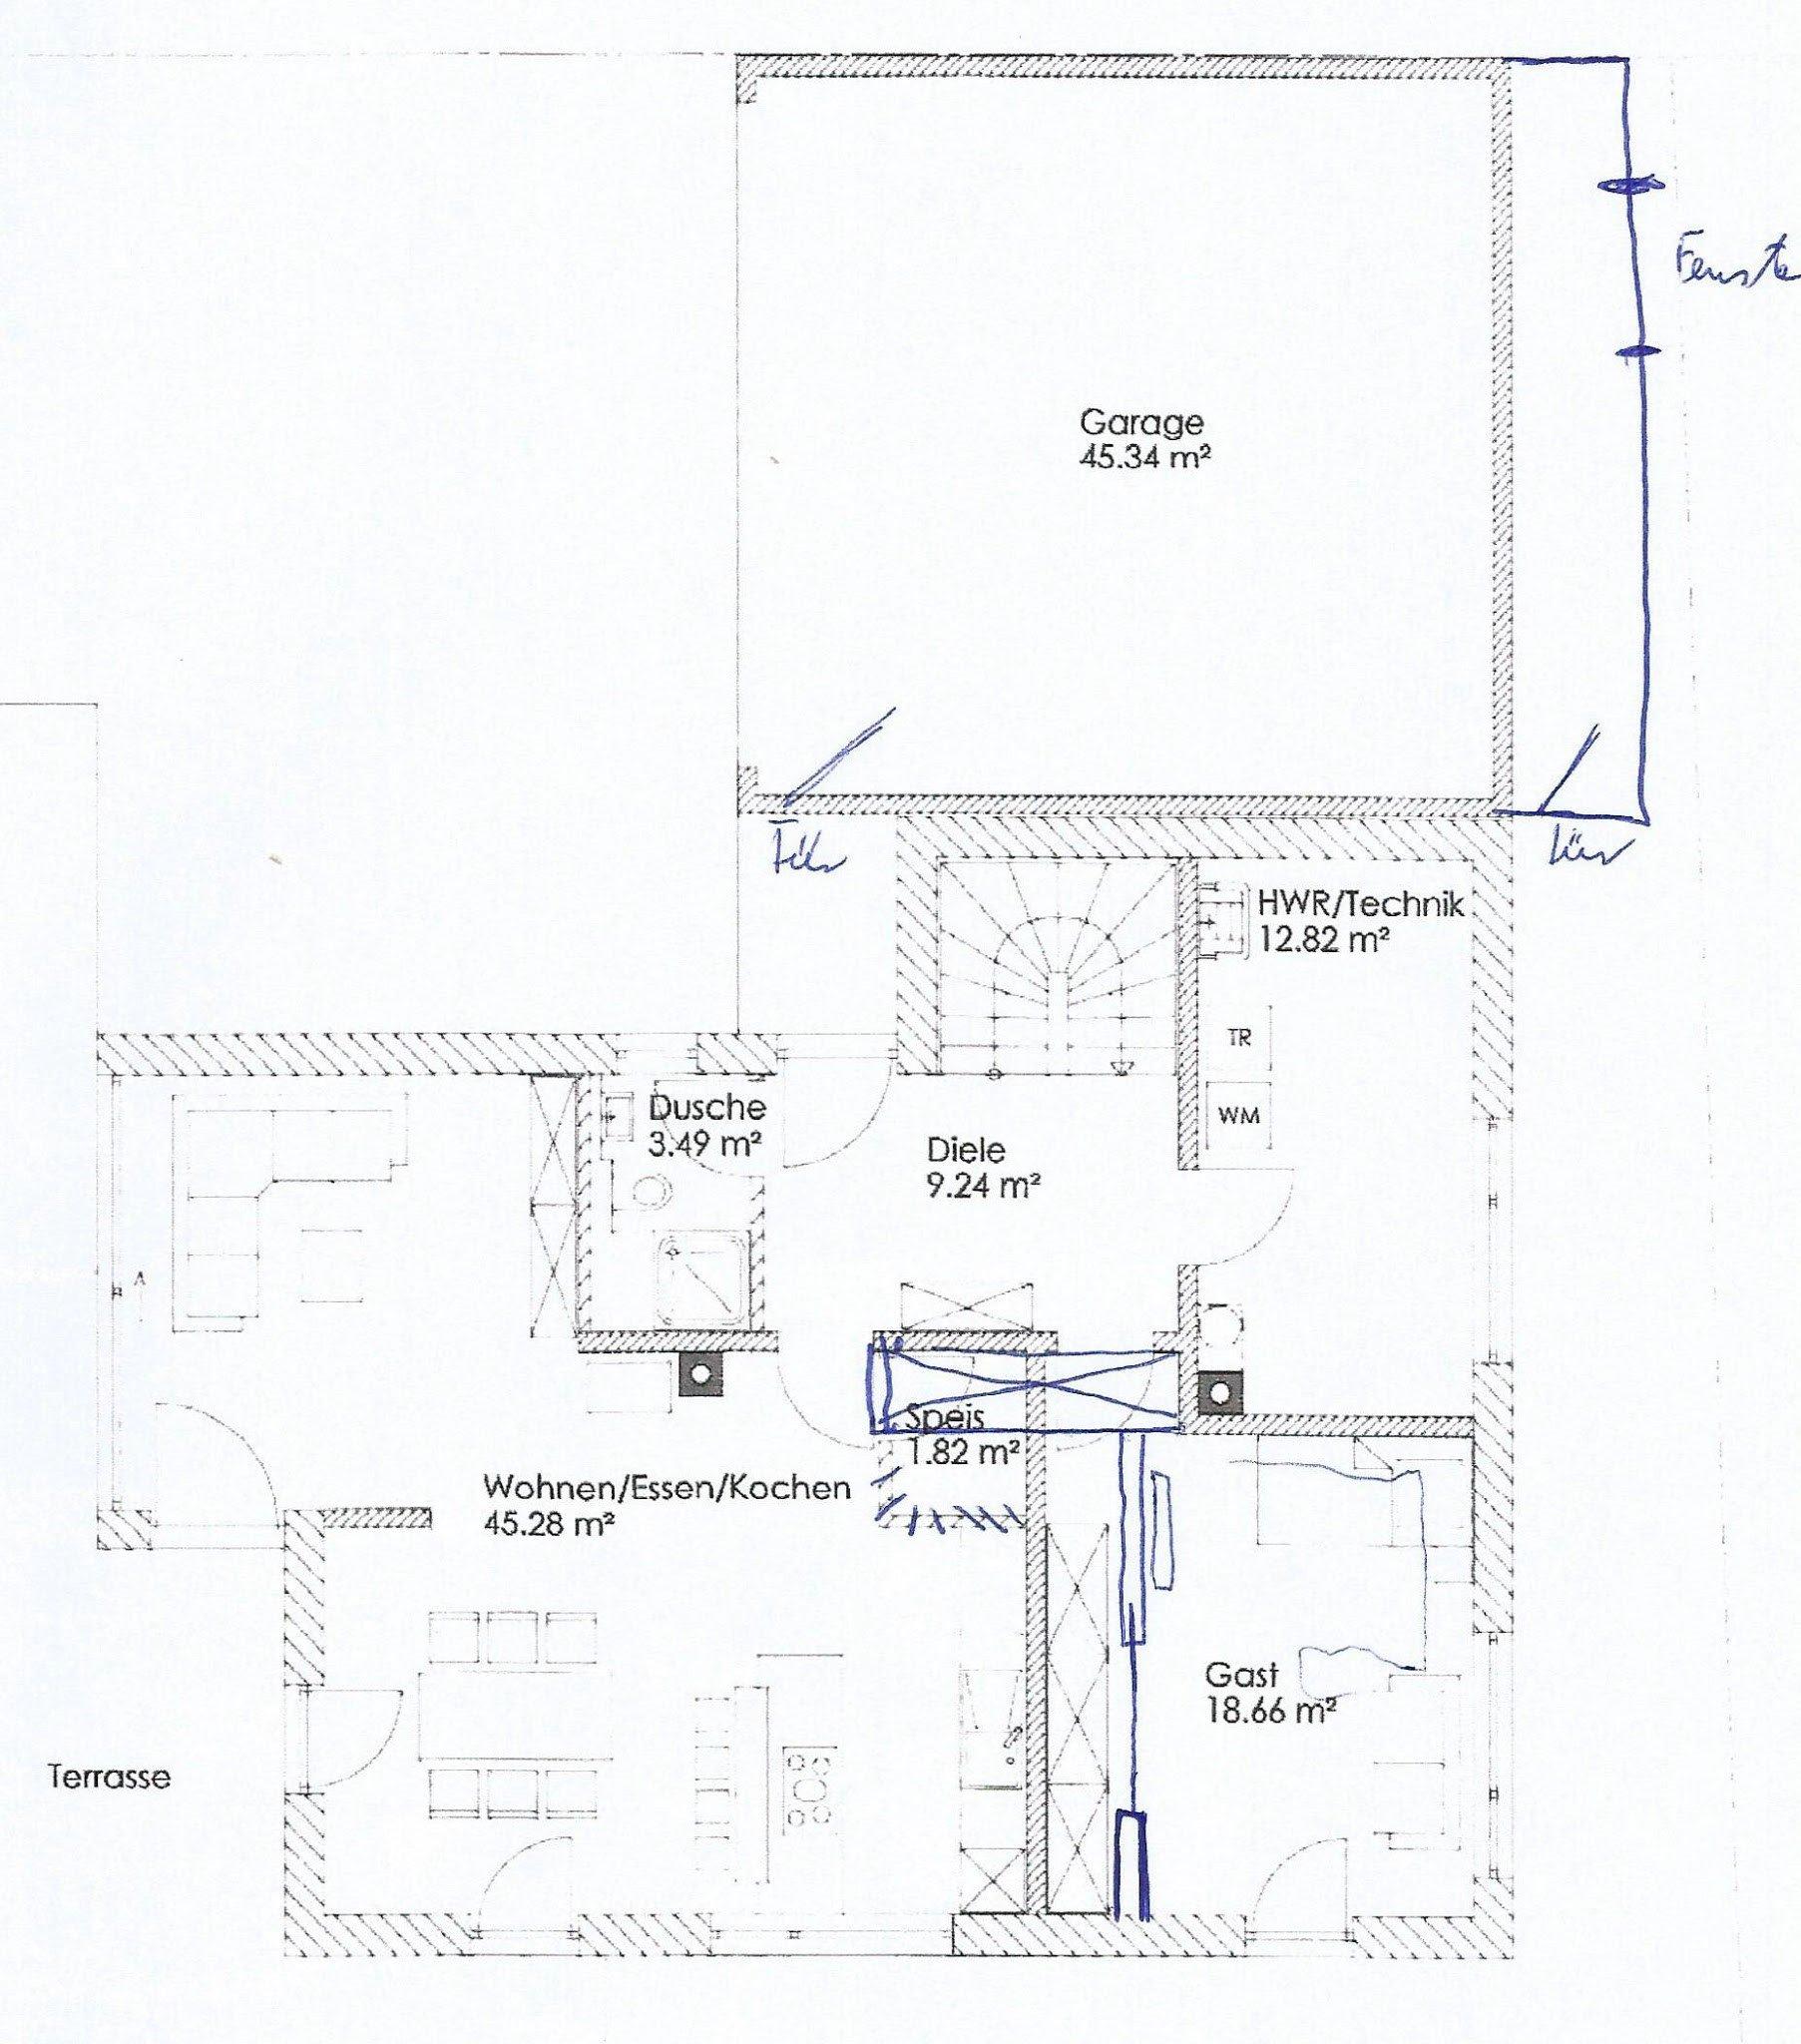 Überarbeitung Grundriss: Garage